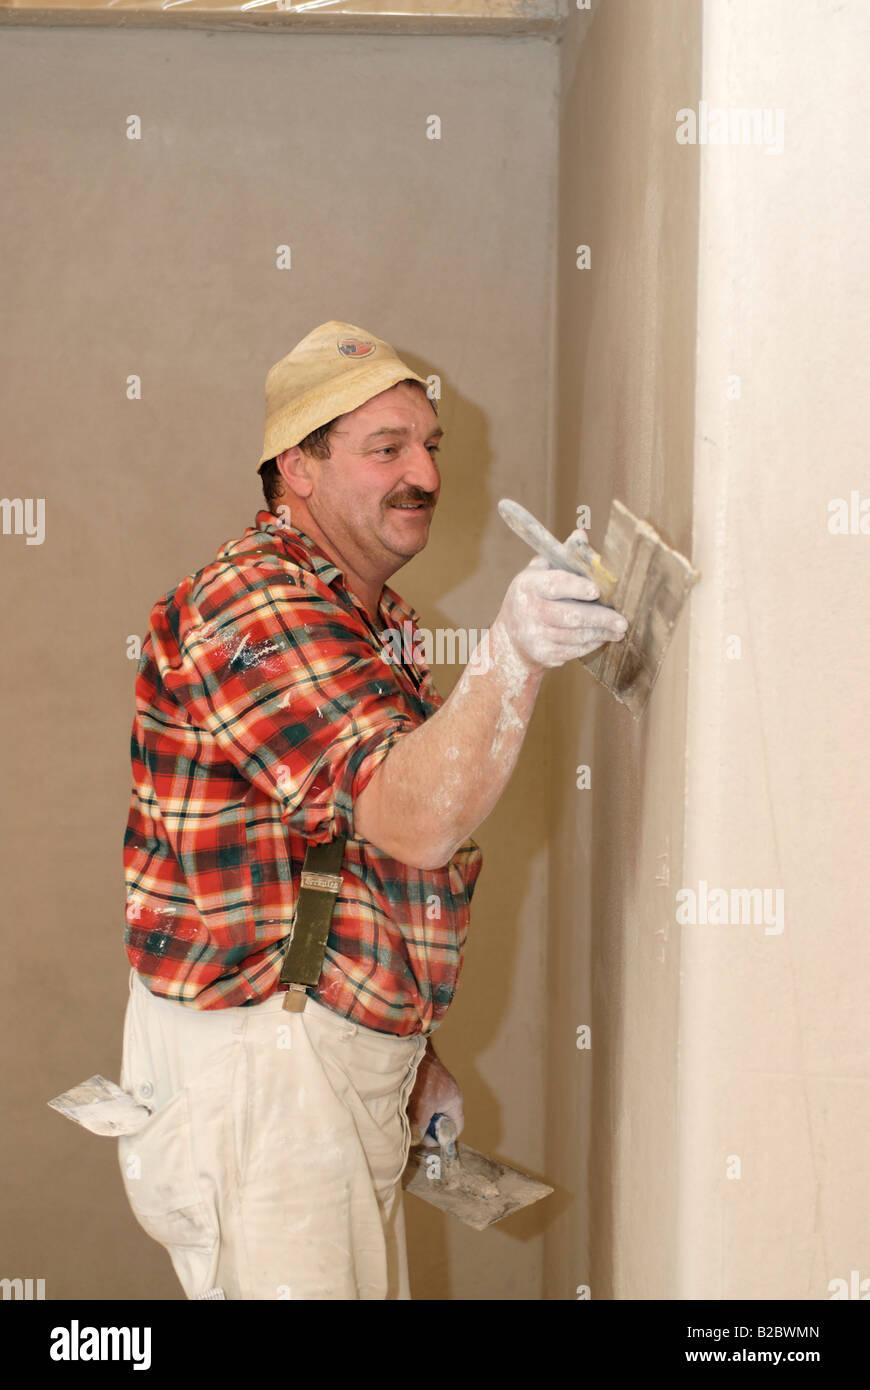 Plasterer at work, wave-like plaster, house construction, brickwork, interior works, plastering works - Stock Image